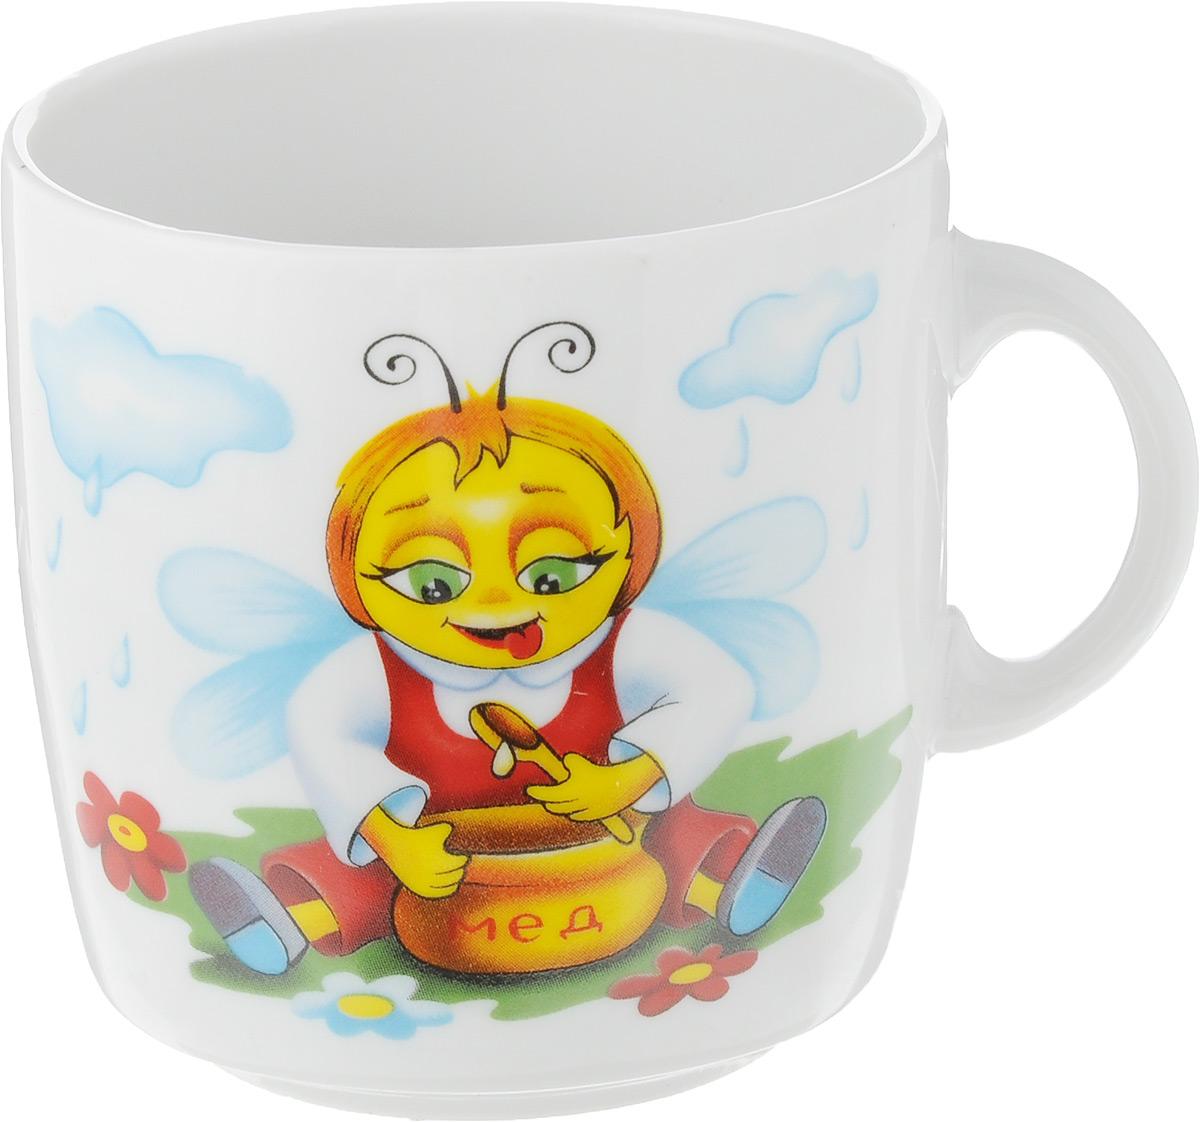 Кружка Фарфор Вербилок Микс. Фикс Прайс. Пчела и мед, 210 мл115510Кружка Фарфор Вербилок Микс. Фикс Прайс. Пчела и мед выполнена из высококачественного фарфора с глазурованным покрытием и оформлена оригинальным детским рисунком. Посуда из фарфора позволяет сохранить истинный вкус напитка, а также помогает ему дольше оставаться теплым. Изделие оснащено удобной ручкой. Такая кружка прекрасно оформит стол к чаепитию и станет его неизменным атрибутом.Диаметр кружки (по верхнему краю): 7 см.Высота чашки: 7 см.